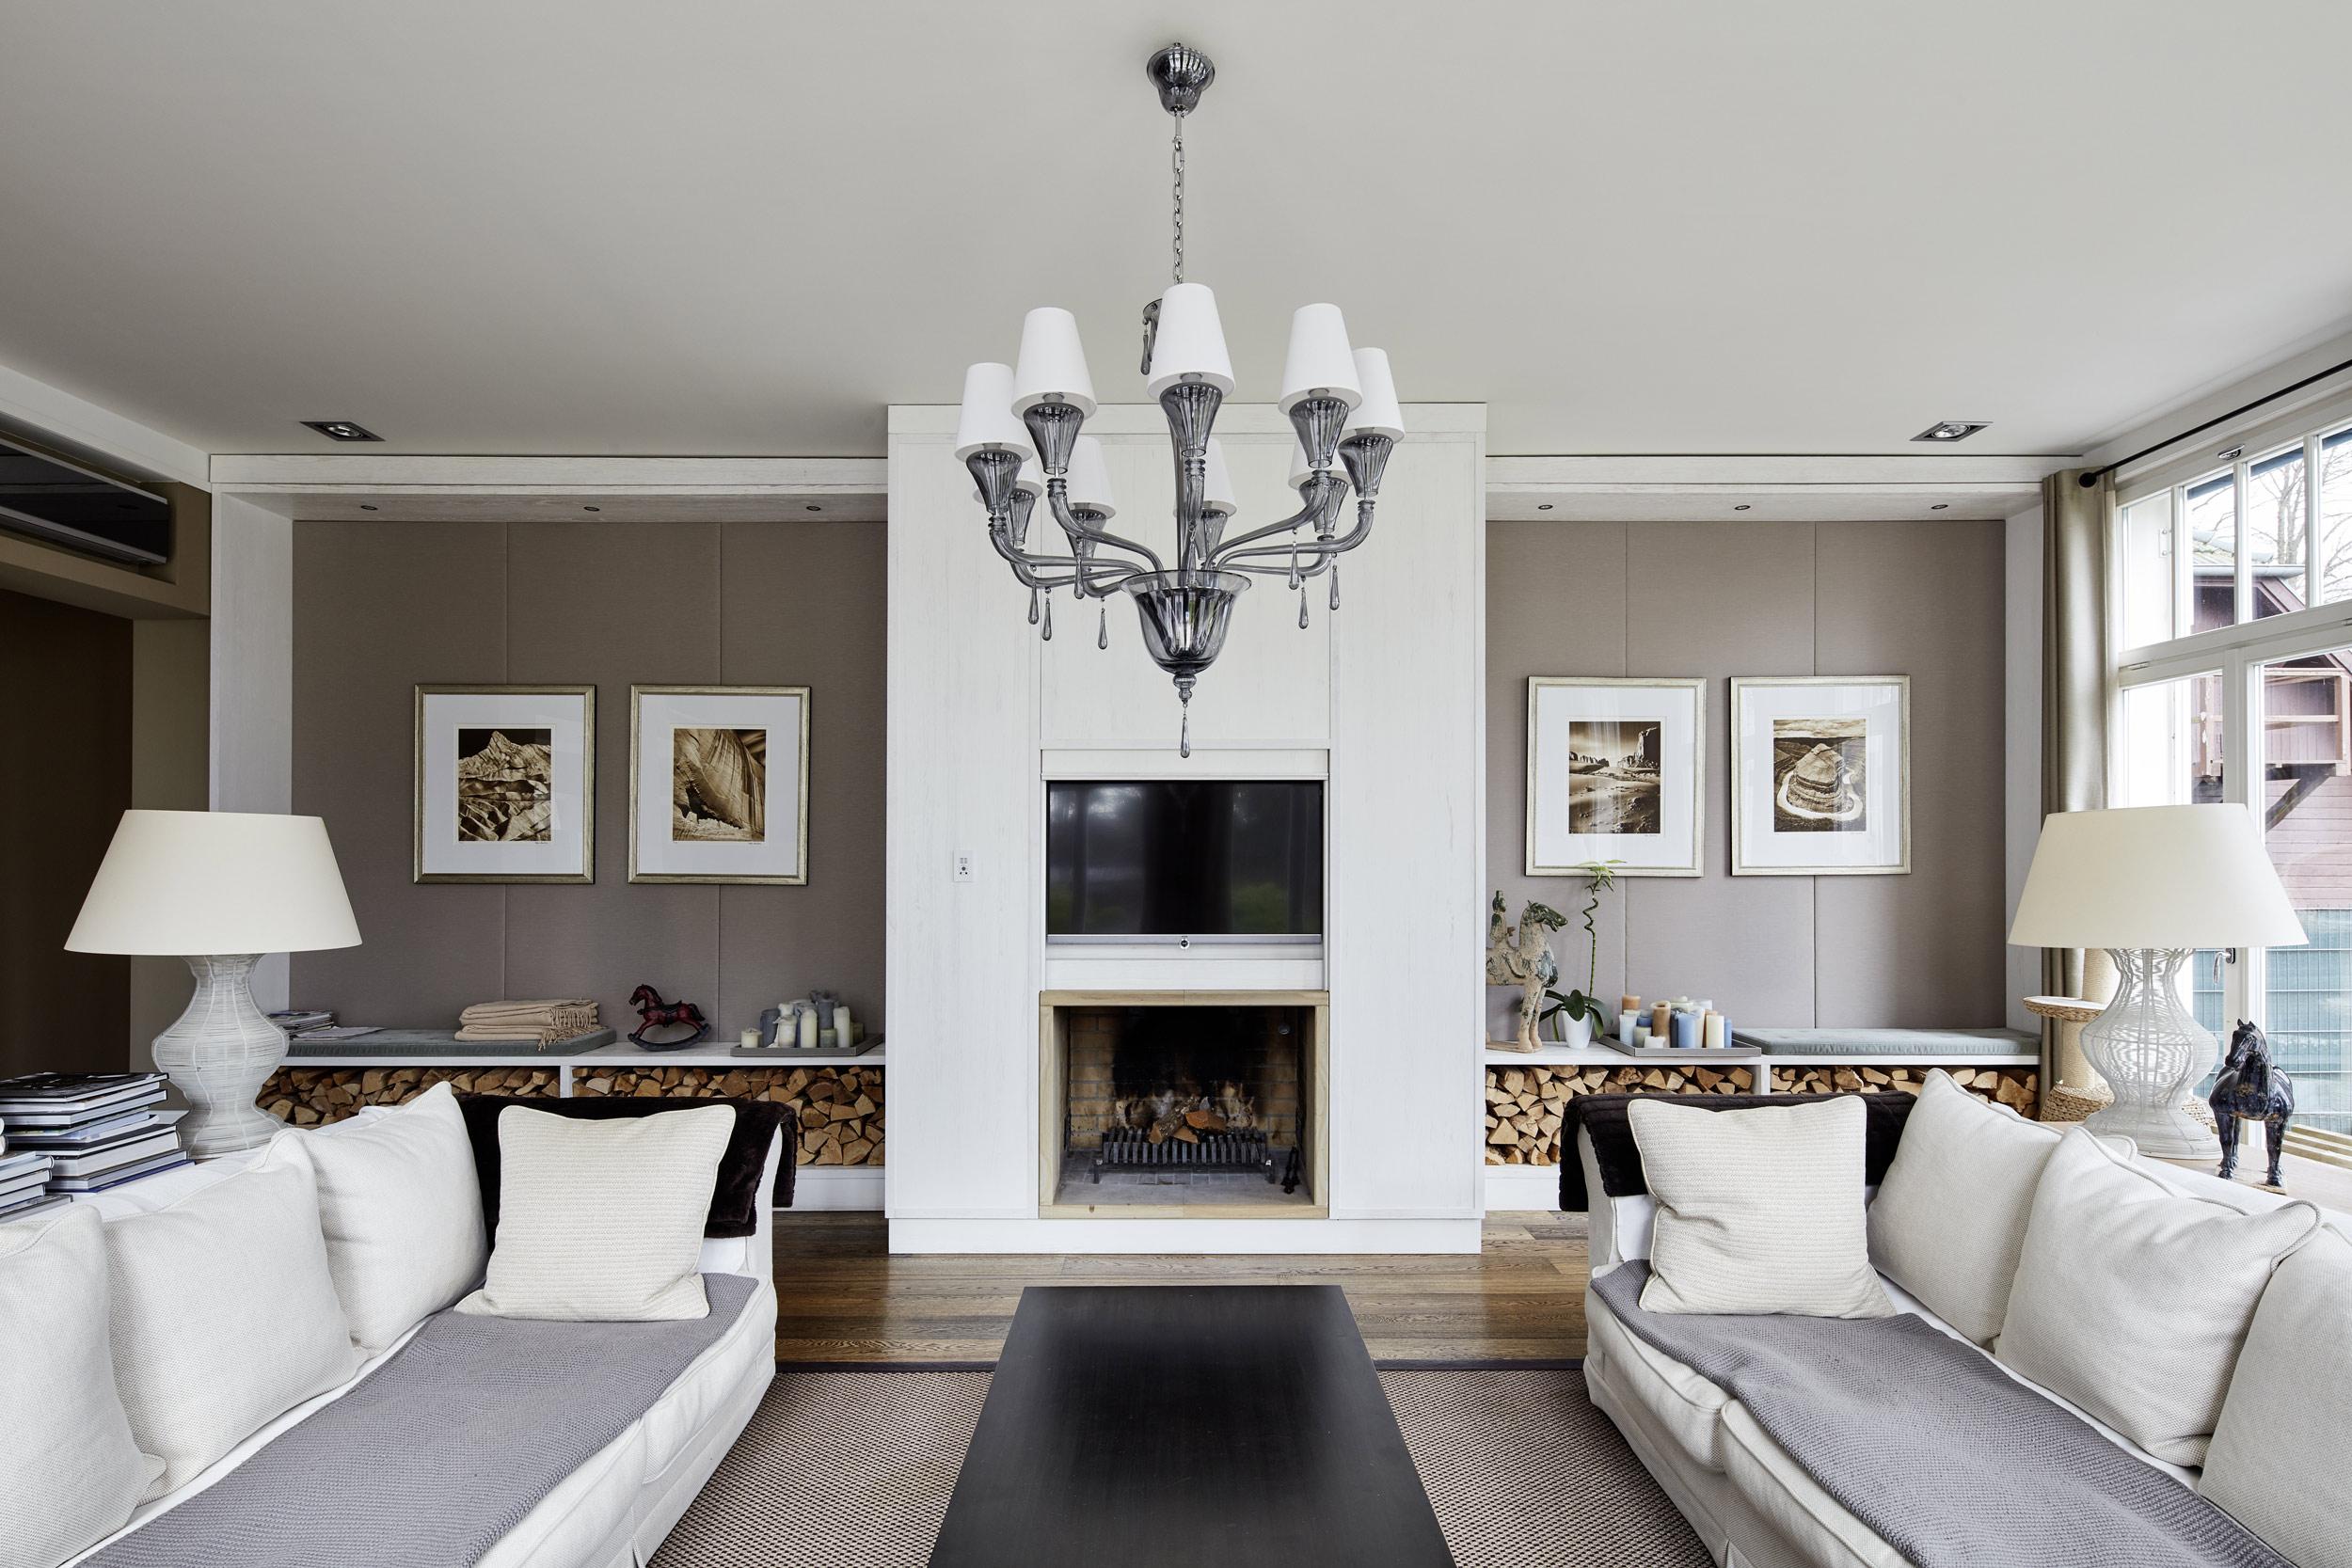 Neubau einer Villa in klassisch-traditioneller Architektursprache am See - Der Wohnbereich mit Vertäfelungen von Kamin und Wänden aus Holz und Stoff.